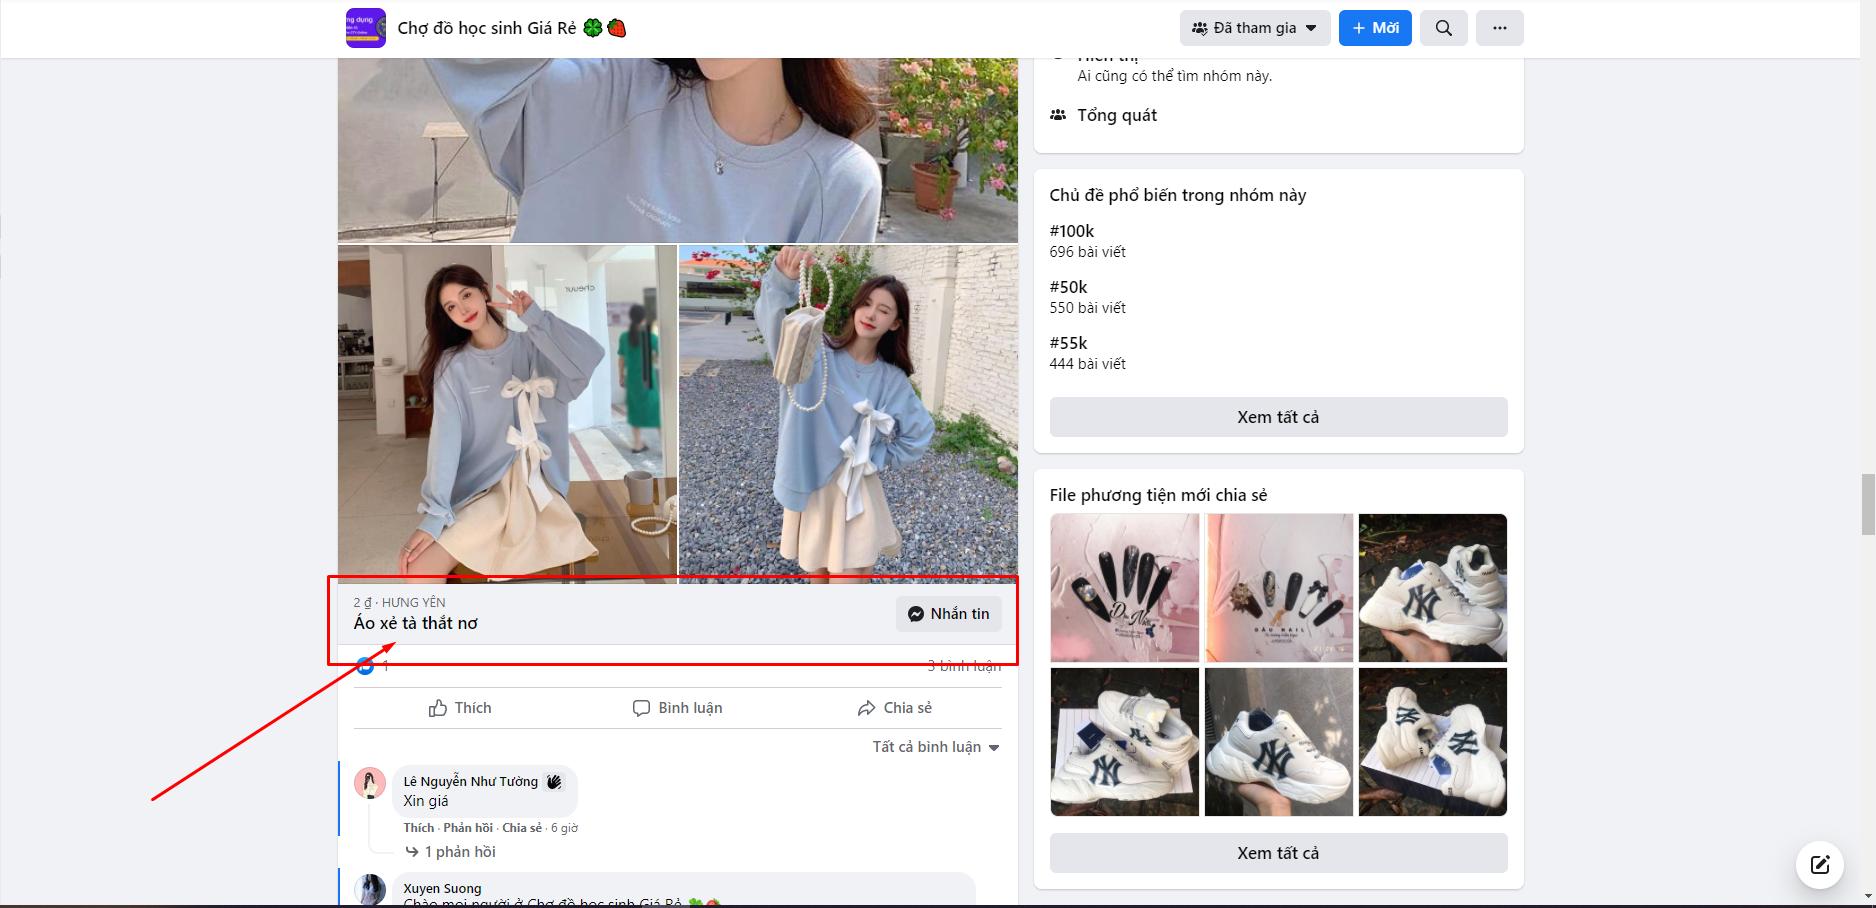 Tắt định dạng bán hàng trên facebook